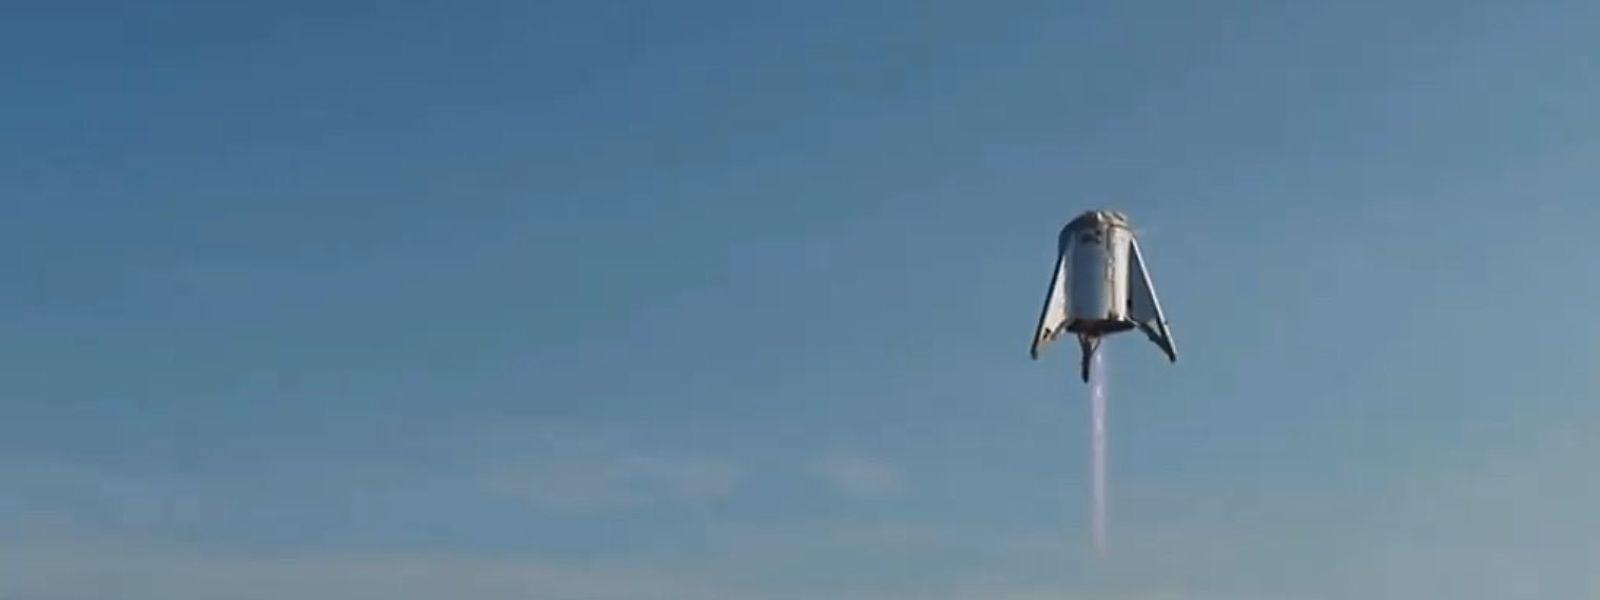 Die Starhopper im Flug.